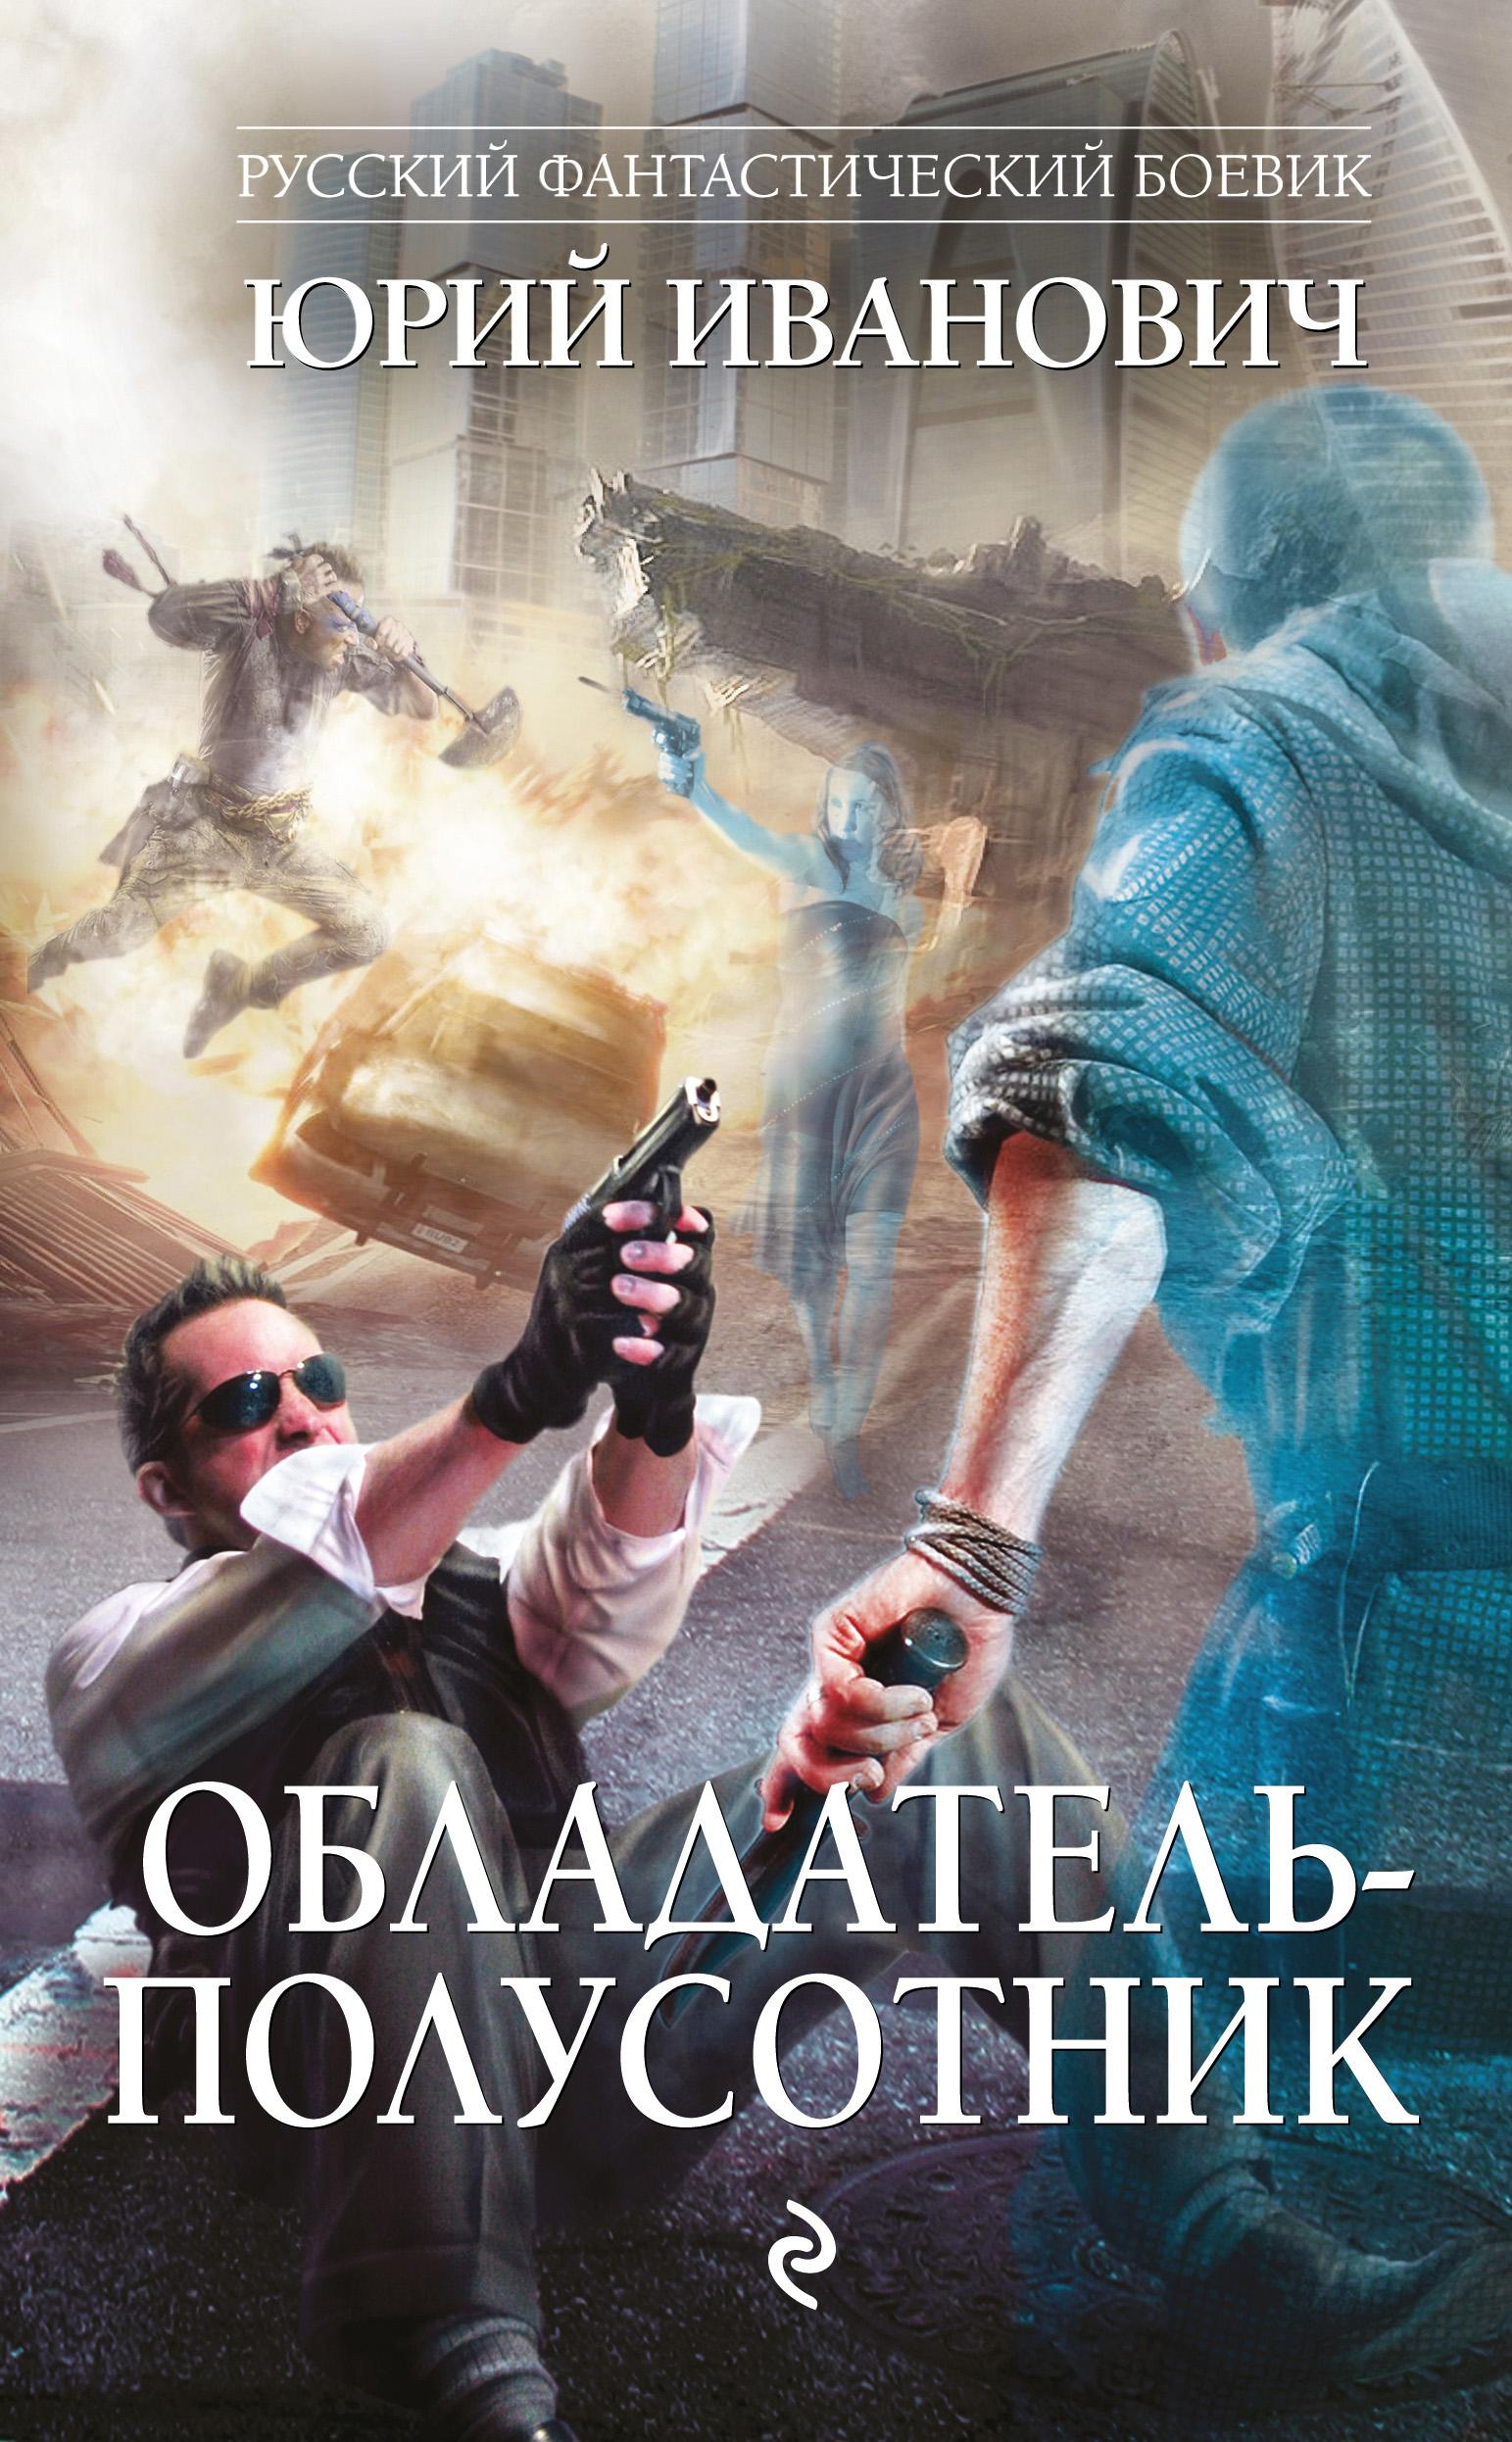 Юрий Иванович Обладатель-полусотник иванович ю обладатель полусотник